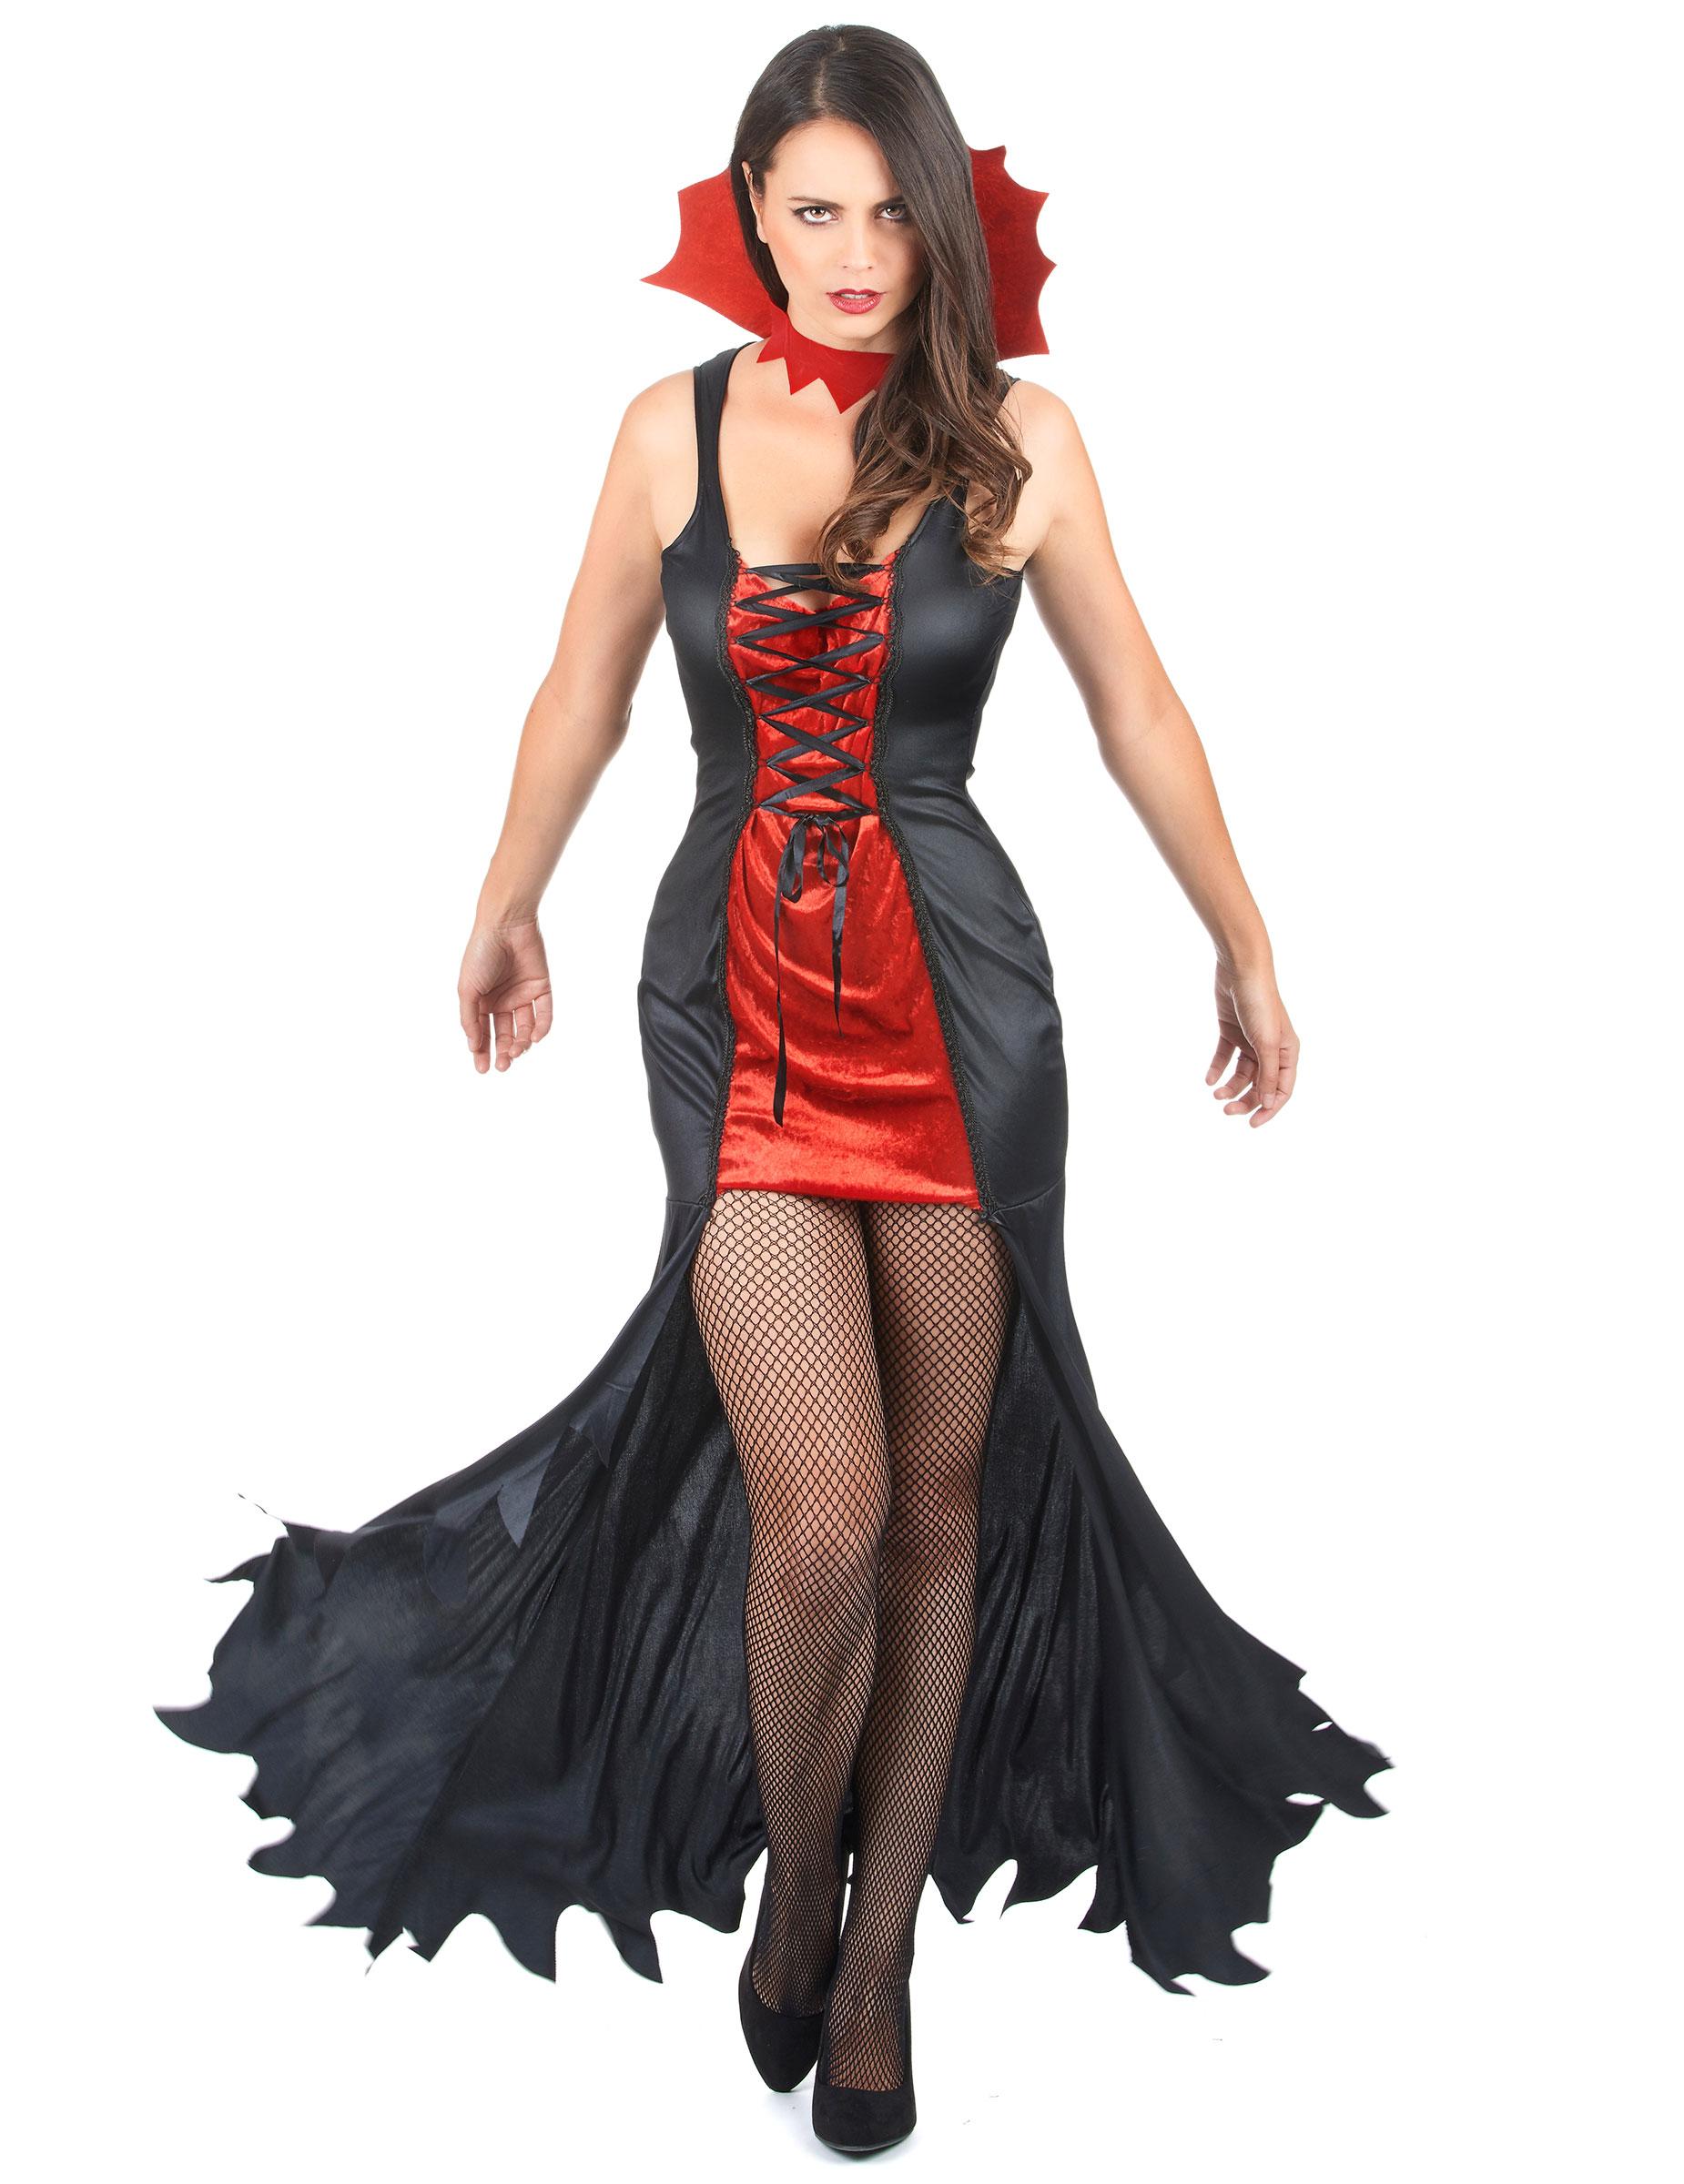 deguisement femme pas cher halloween